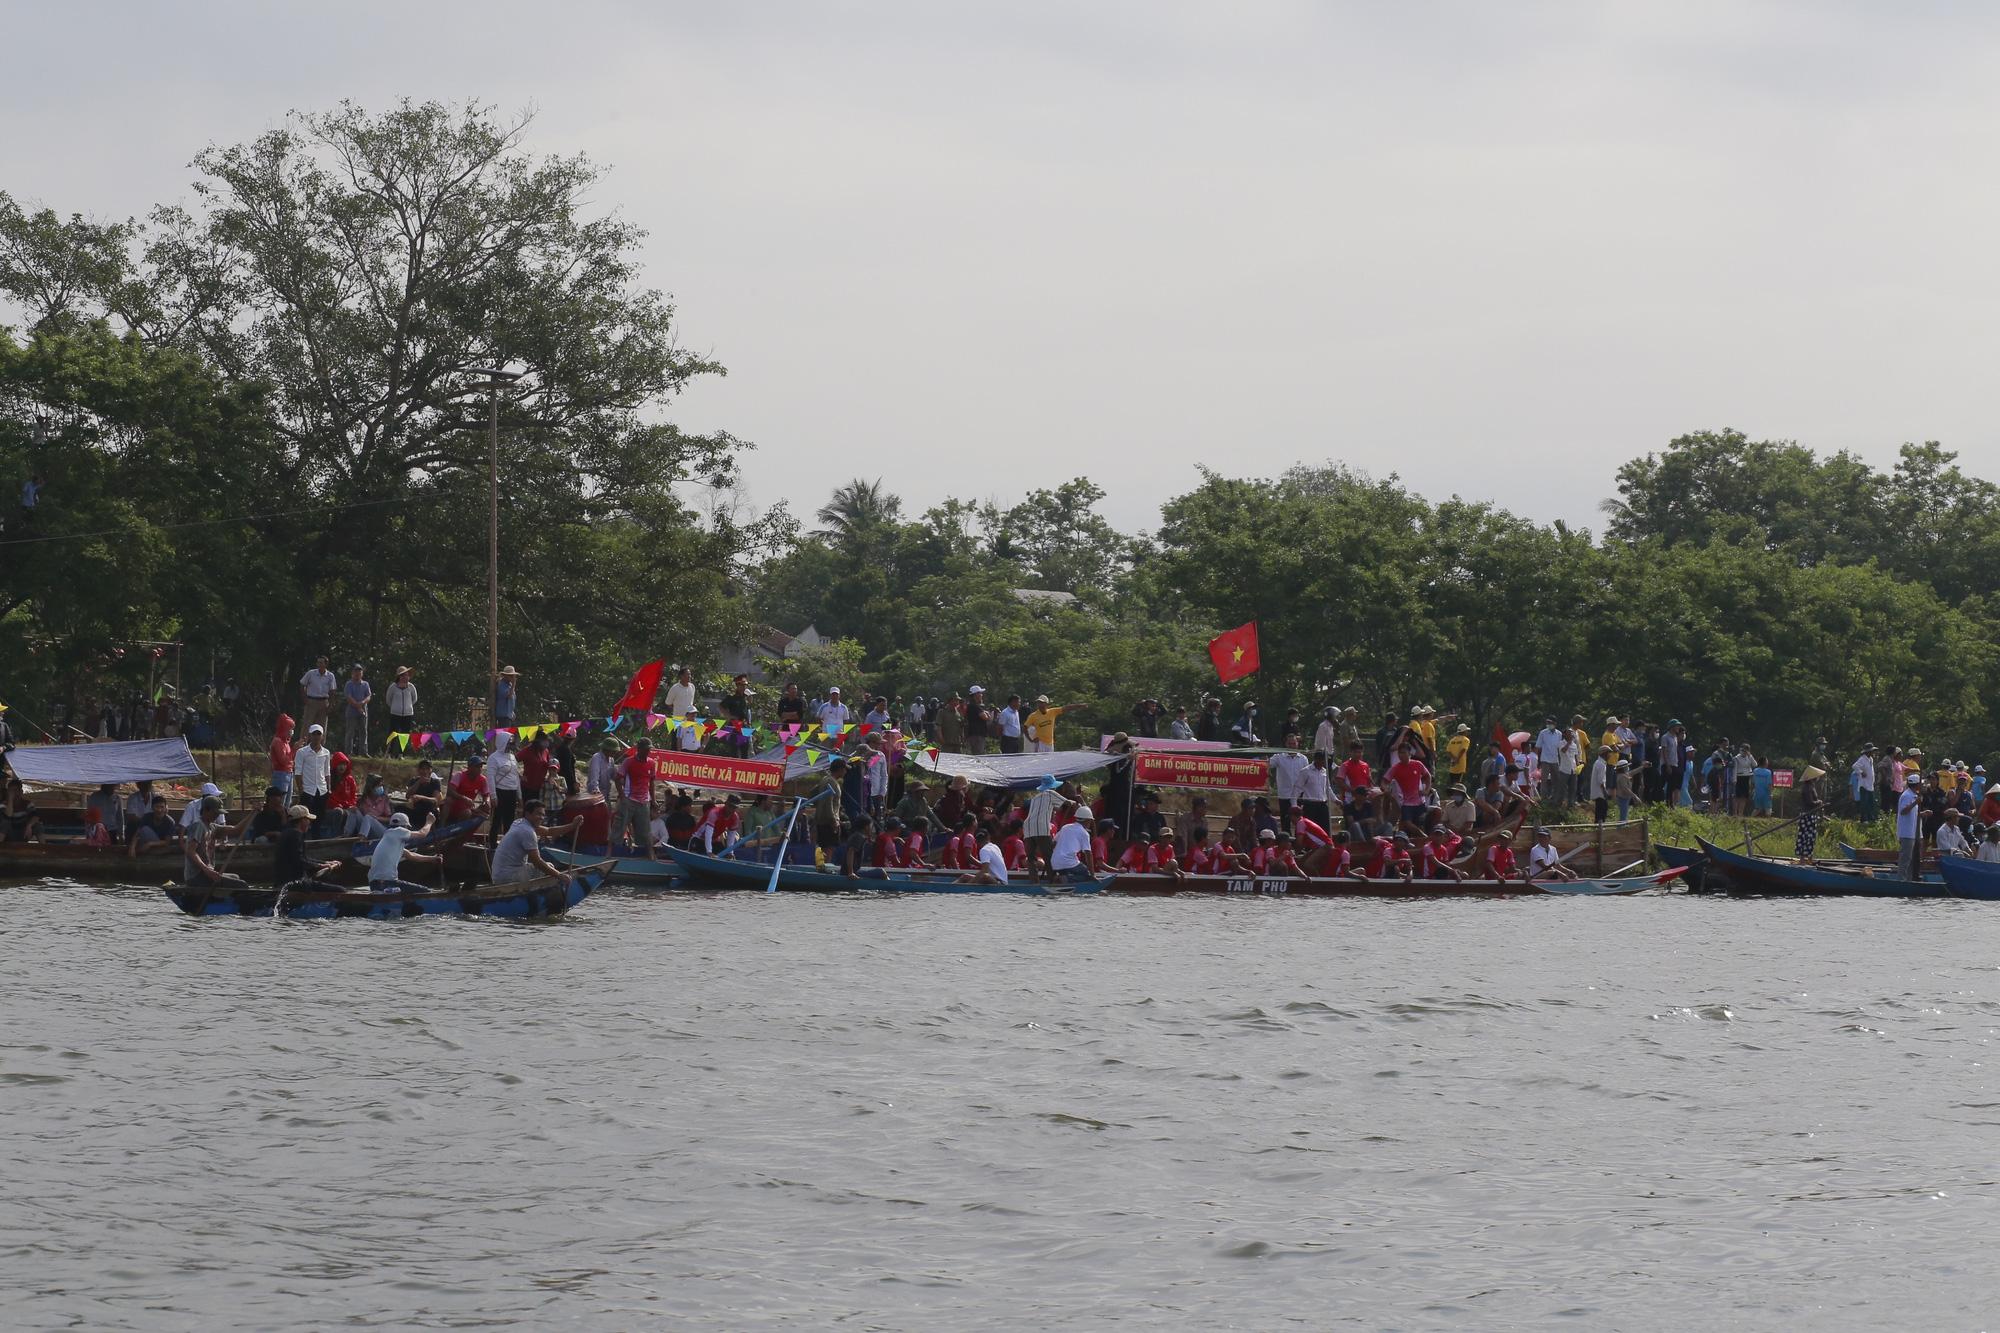 Quảng Nam: Trèo cây, leo nóc nhà để xem đua thuyền ở Tam Kỳ - Ảnh 10.